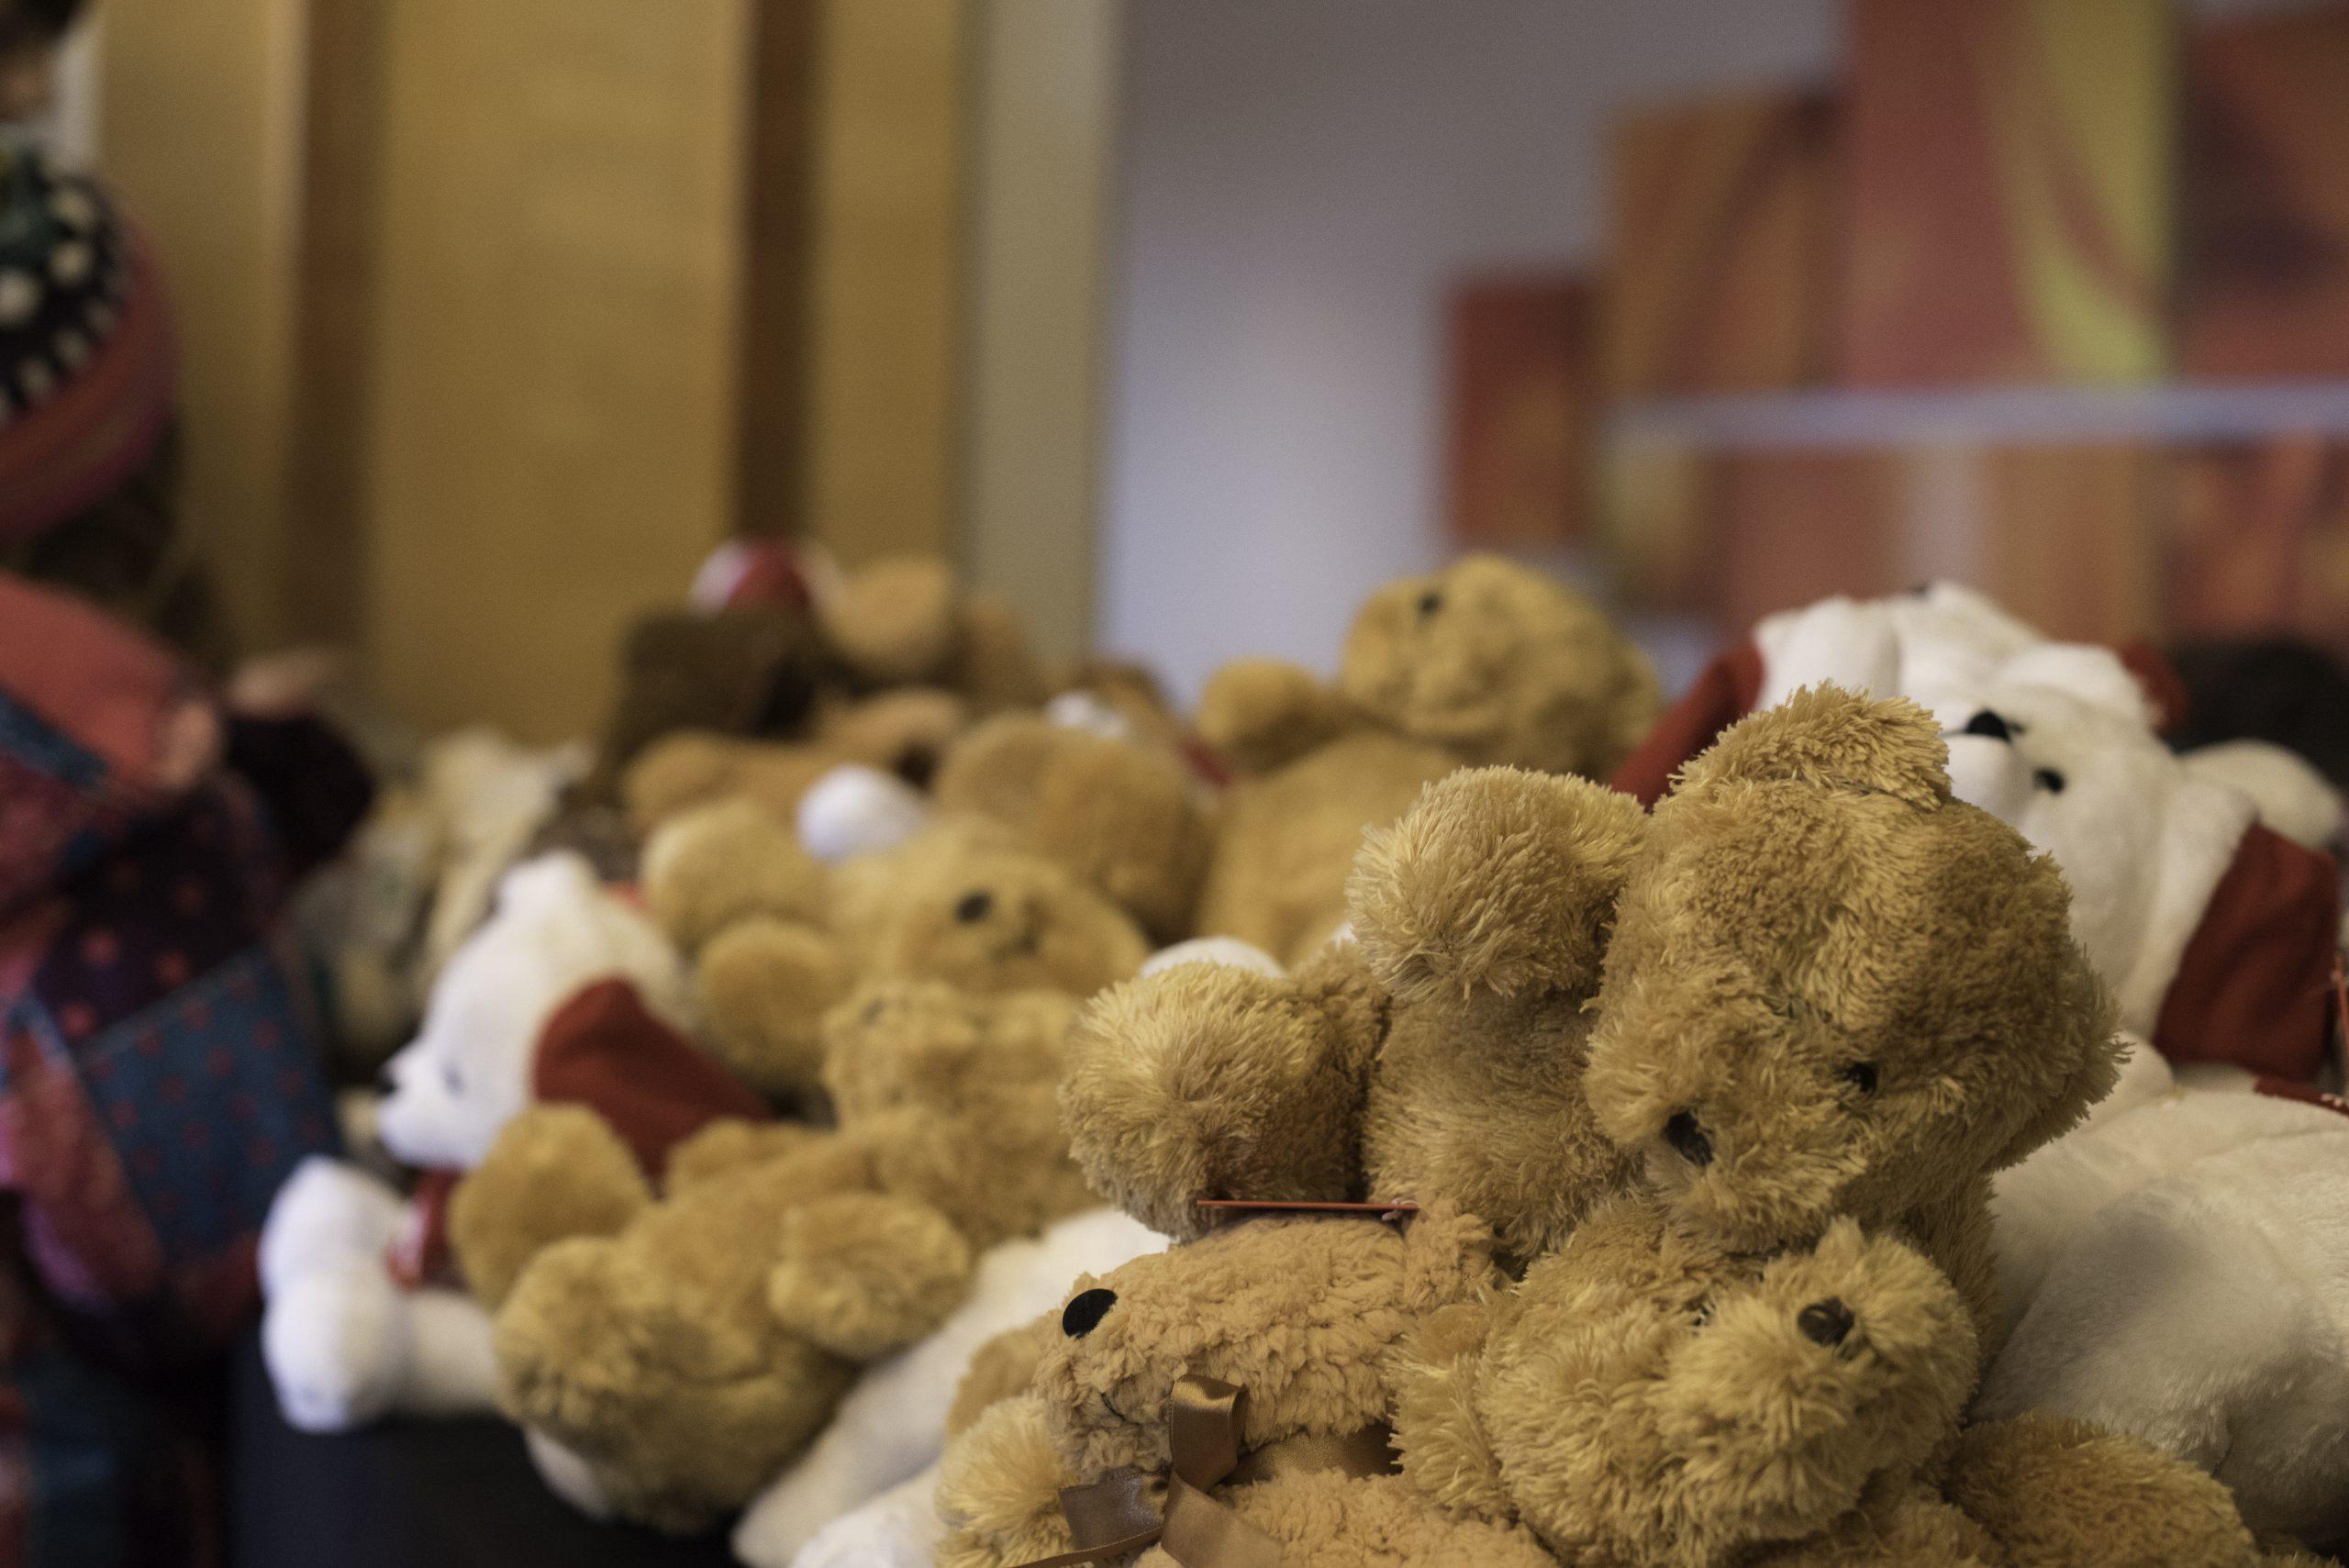 Teddy Bears 2017